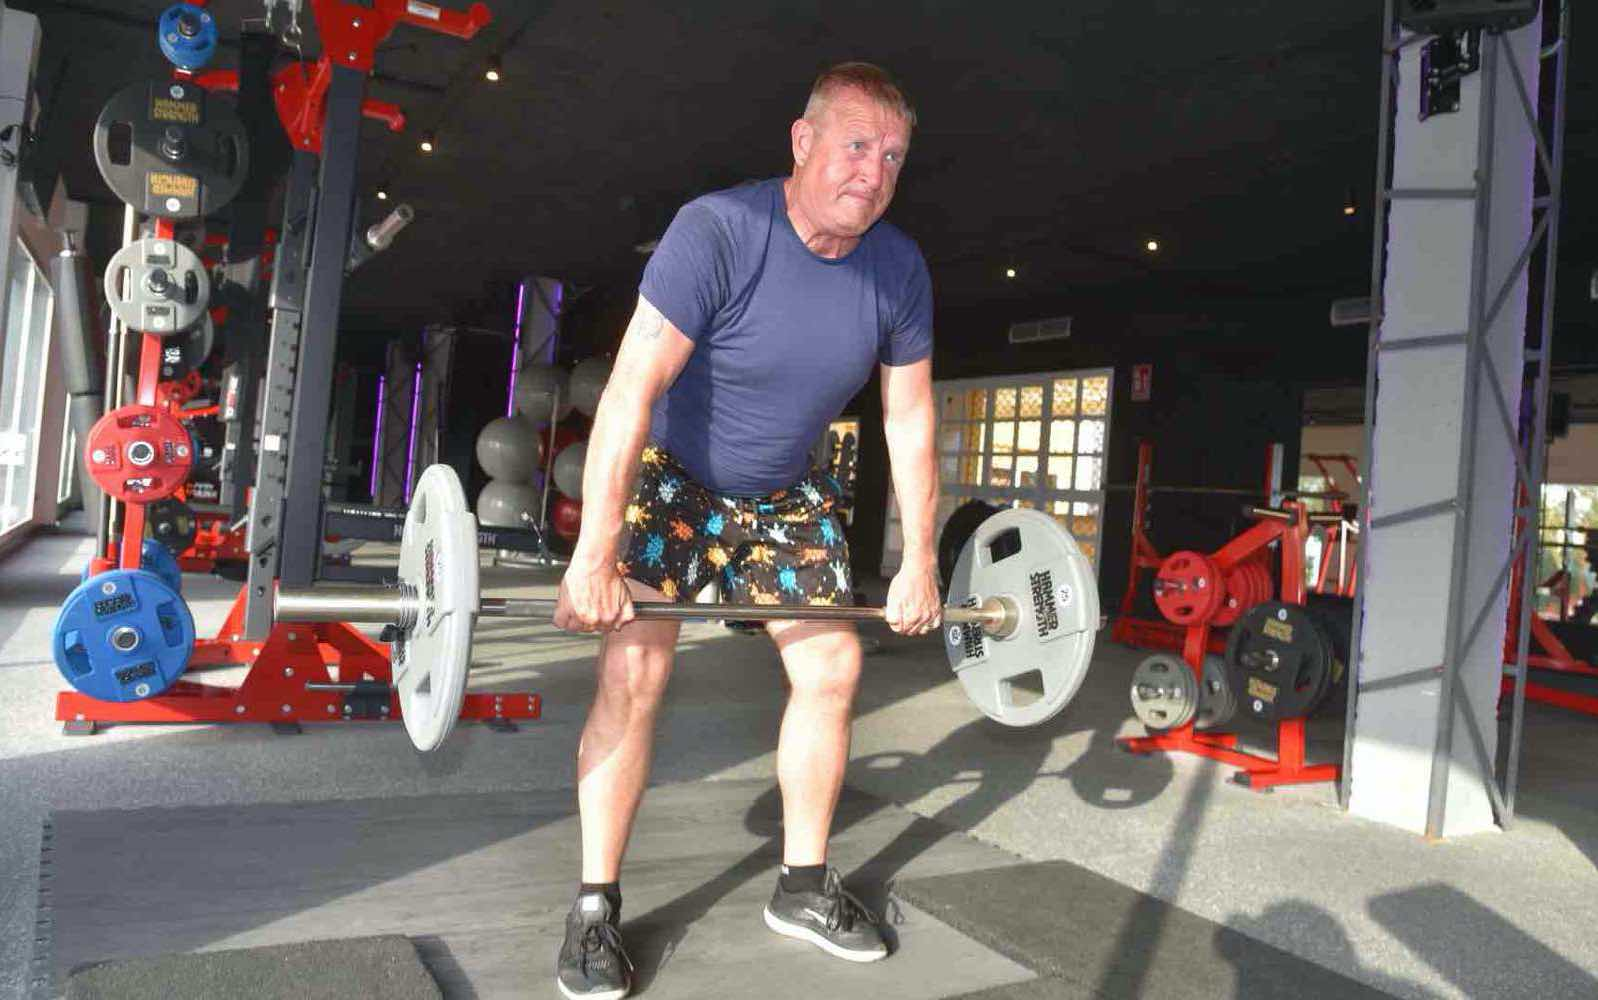 Mark Ward lifting at Epic Gym in Banalmadena, Costa del Sol